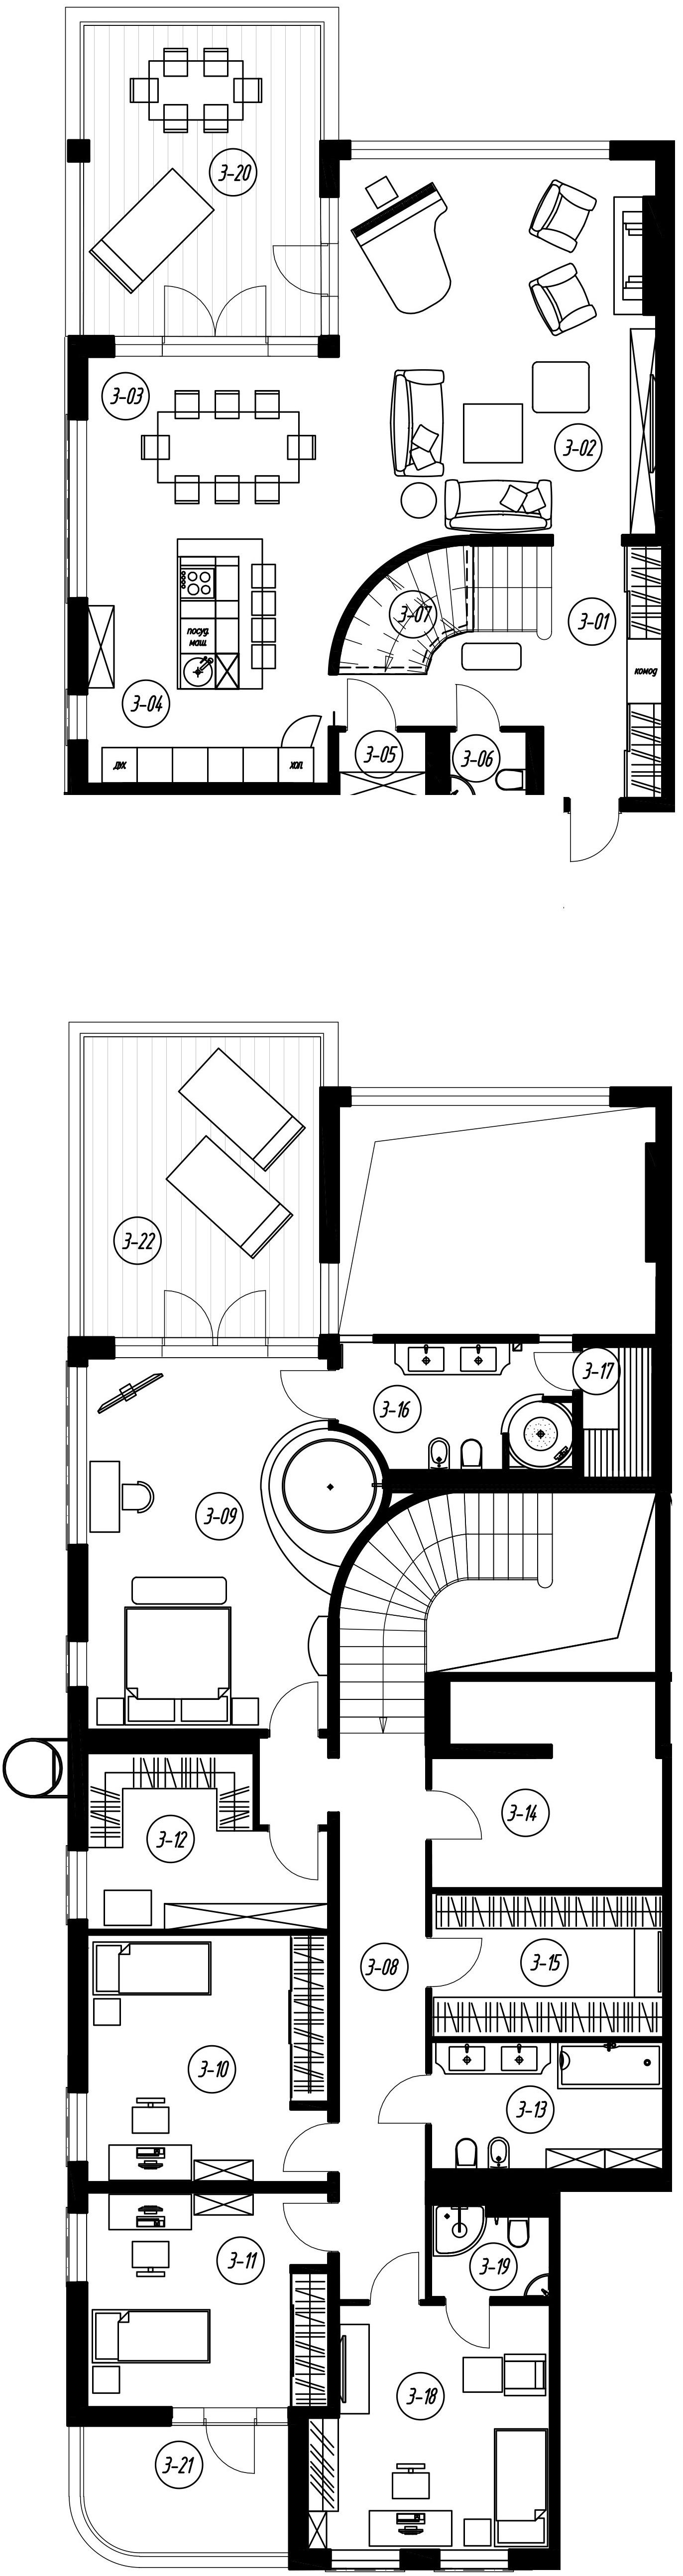 4-комнатная 285 м<sup>2</sup> на 2 этаже